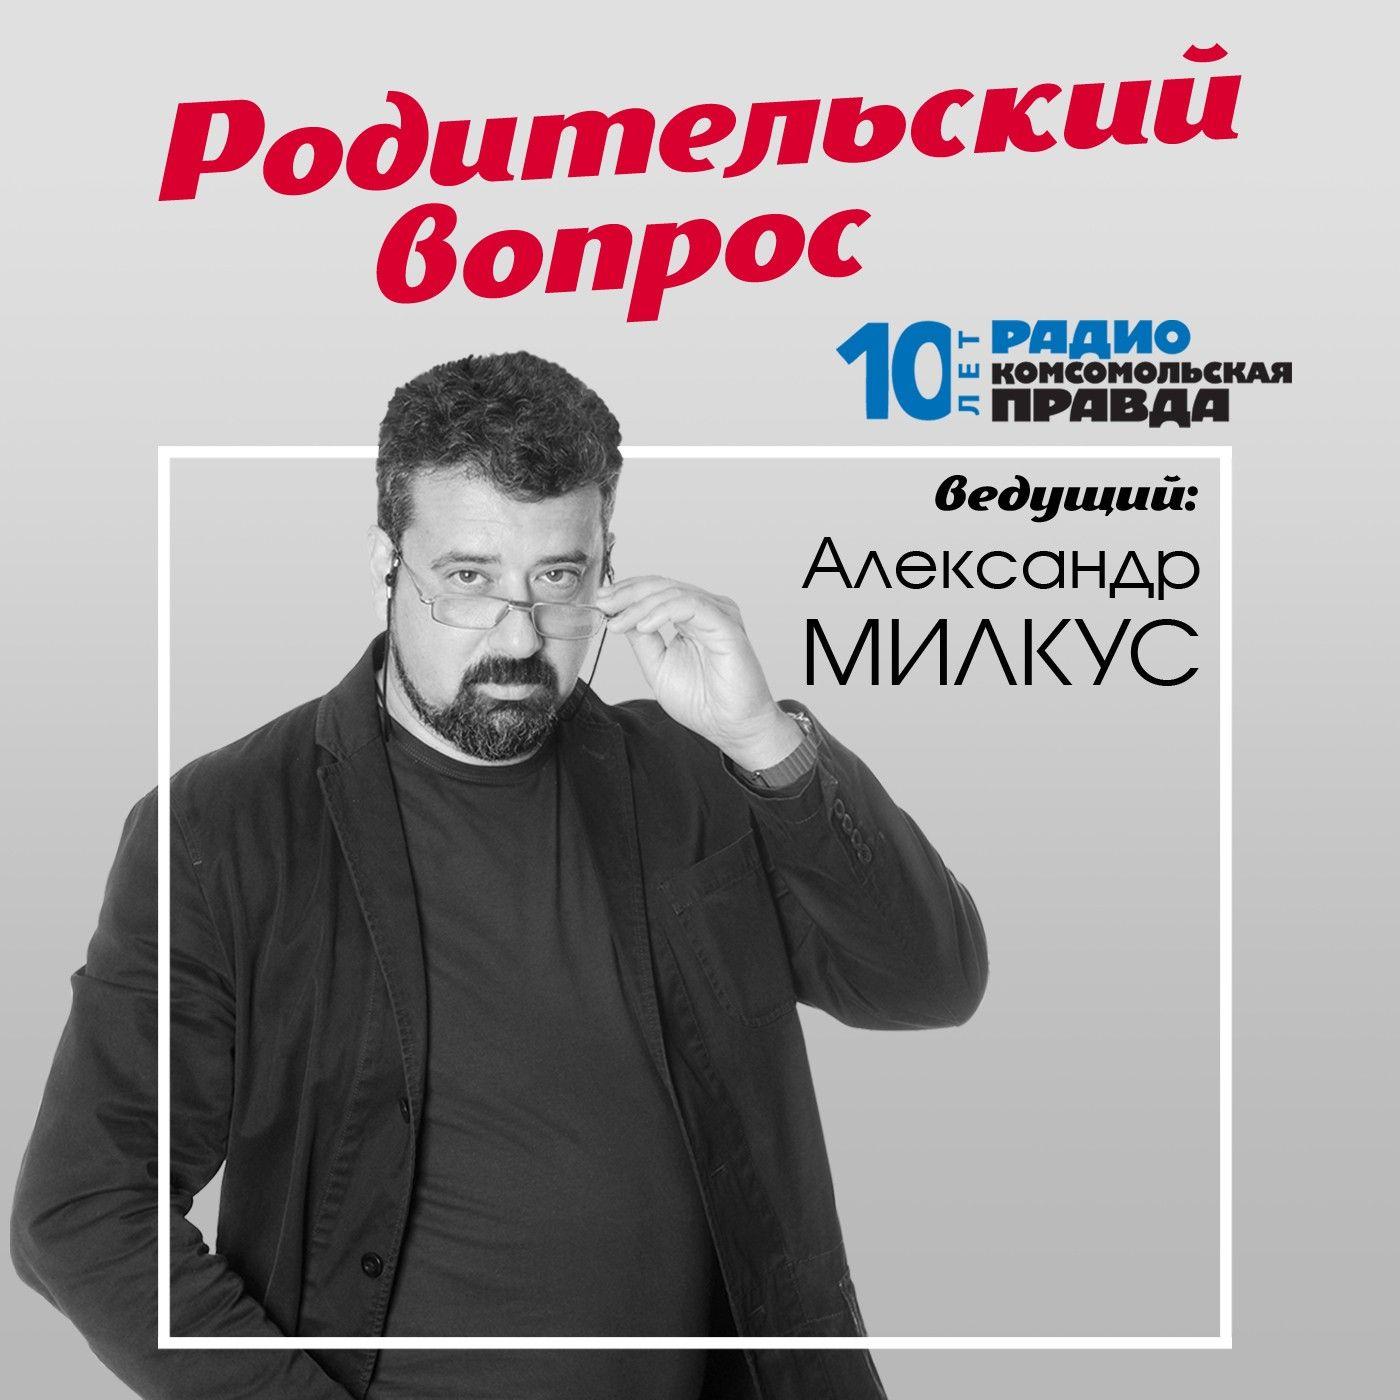 Радио «Комсомольская правда» Какую специальность выбрать, чтобы потом получать хорошую зарплату?